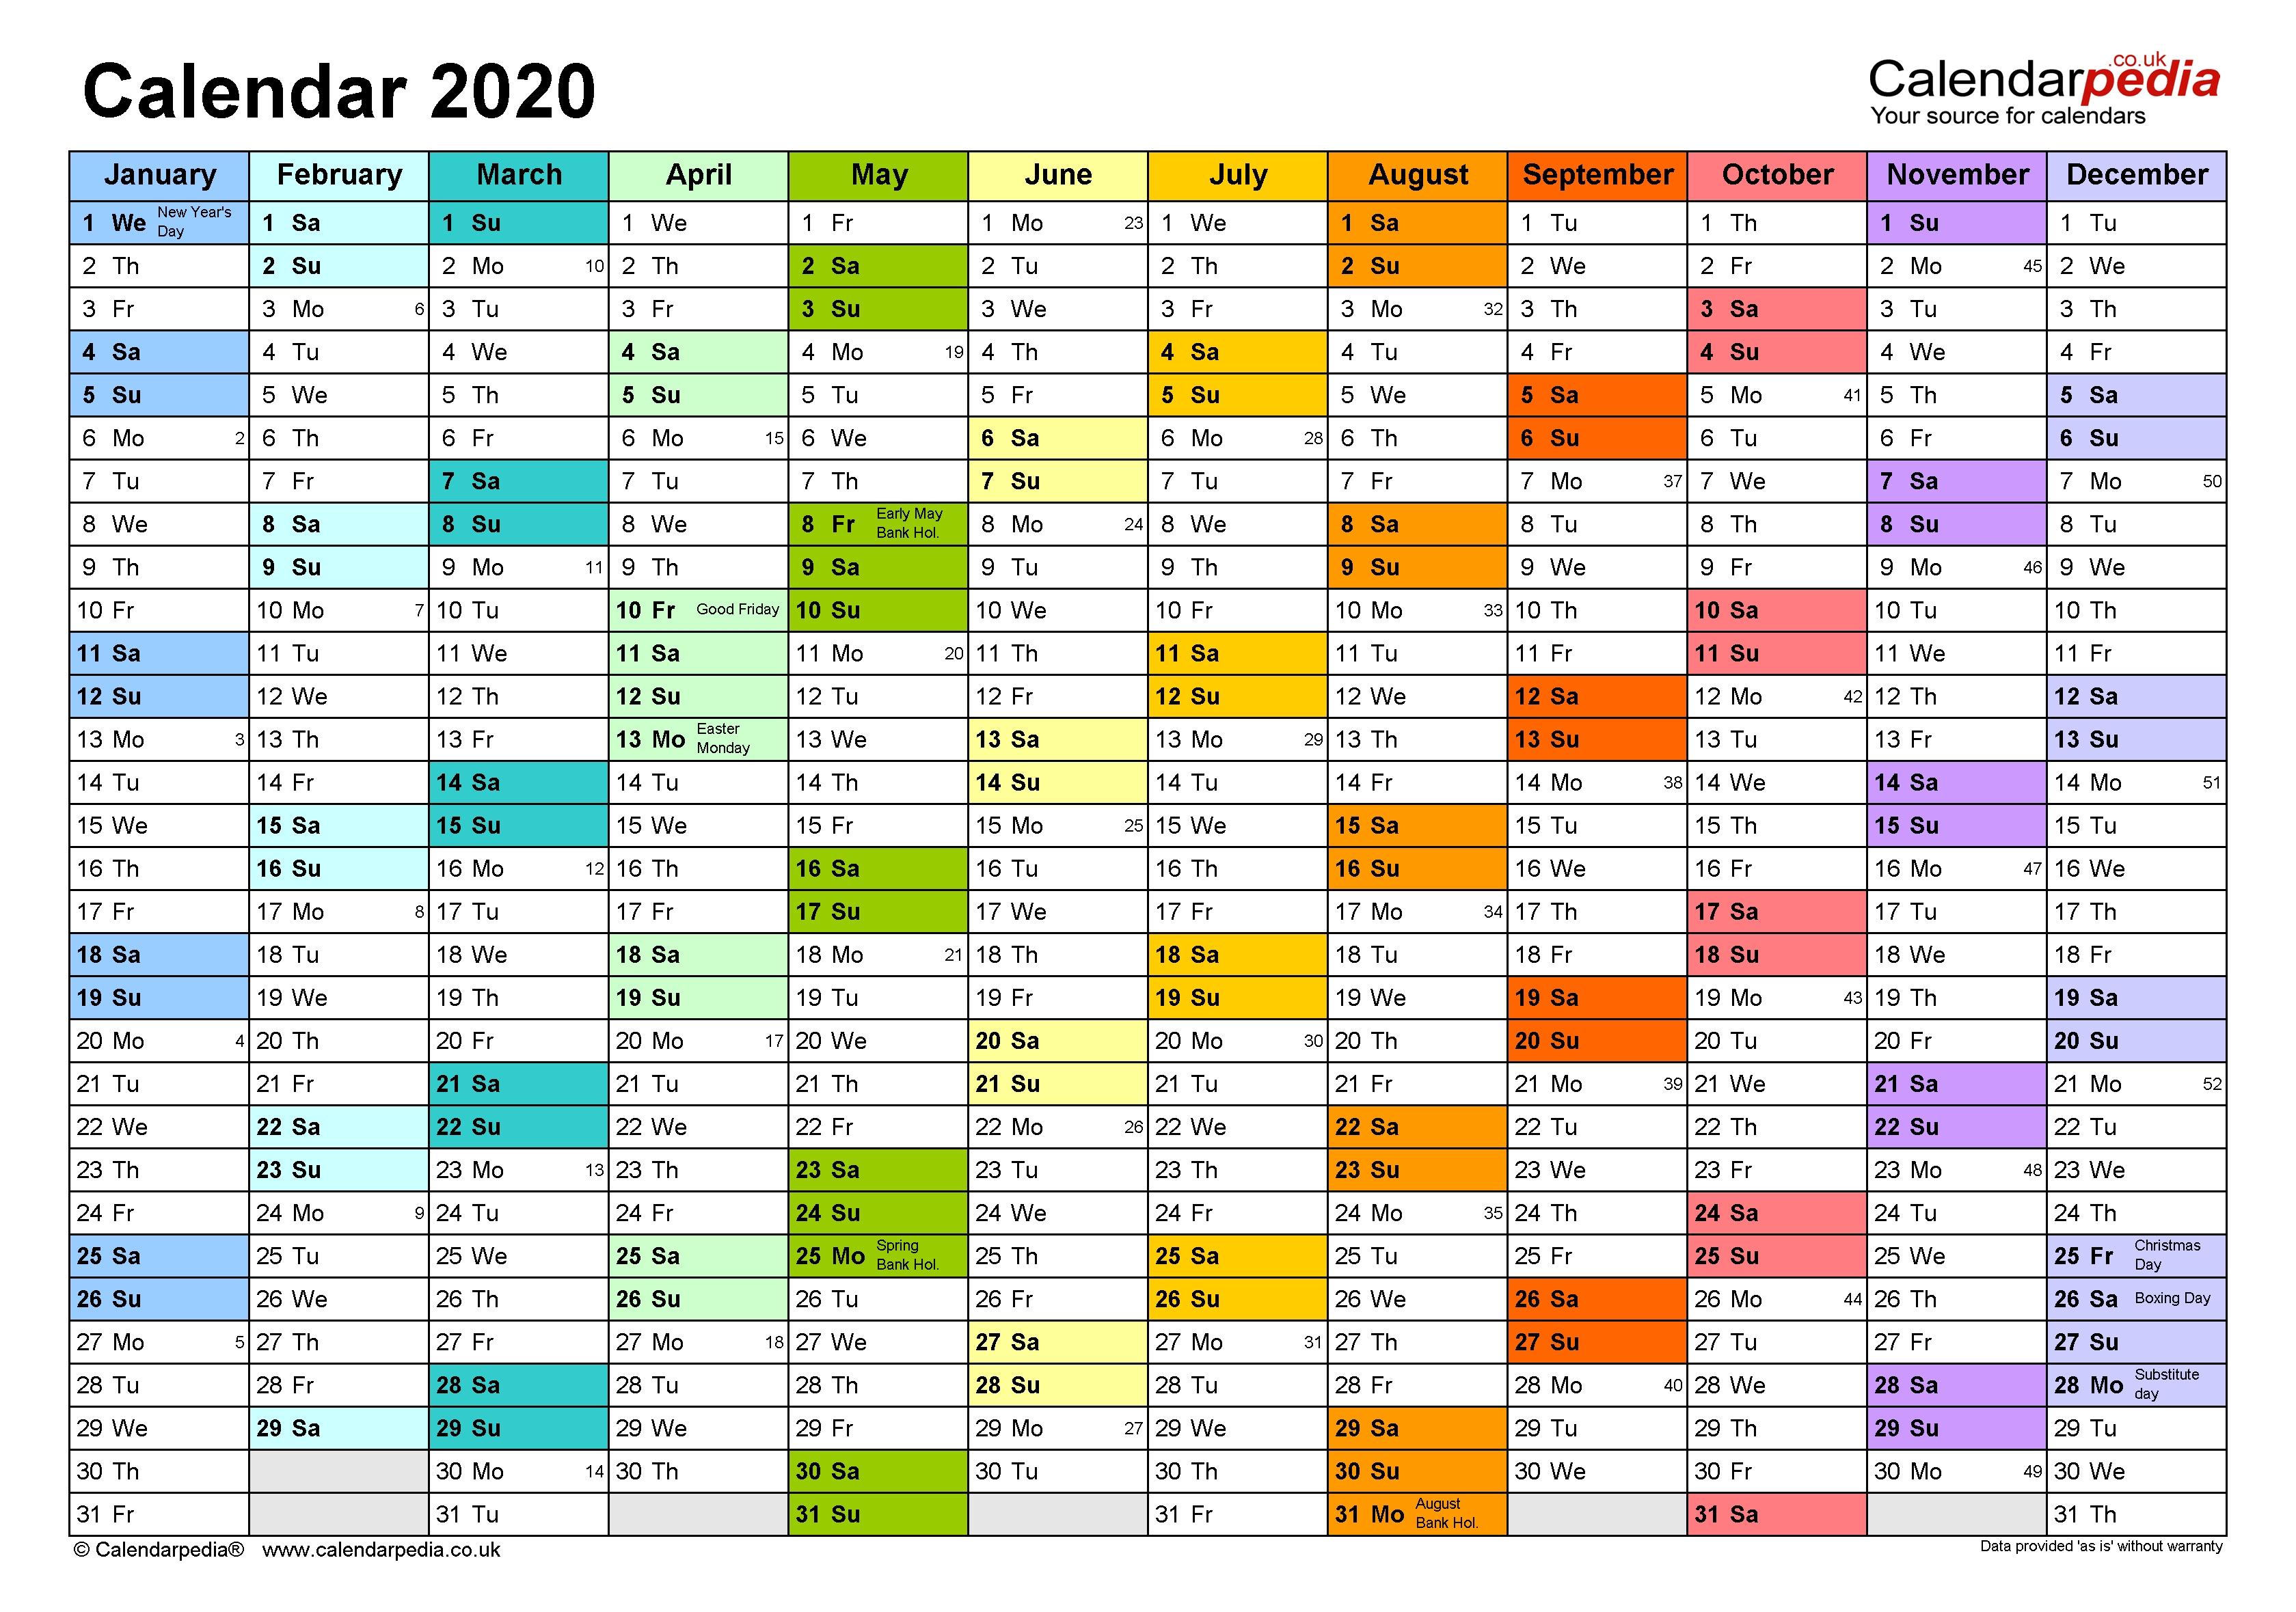 Excel Calendar 2020 (Uk) | 17 Printable Templates (Xlsx, Free)